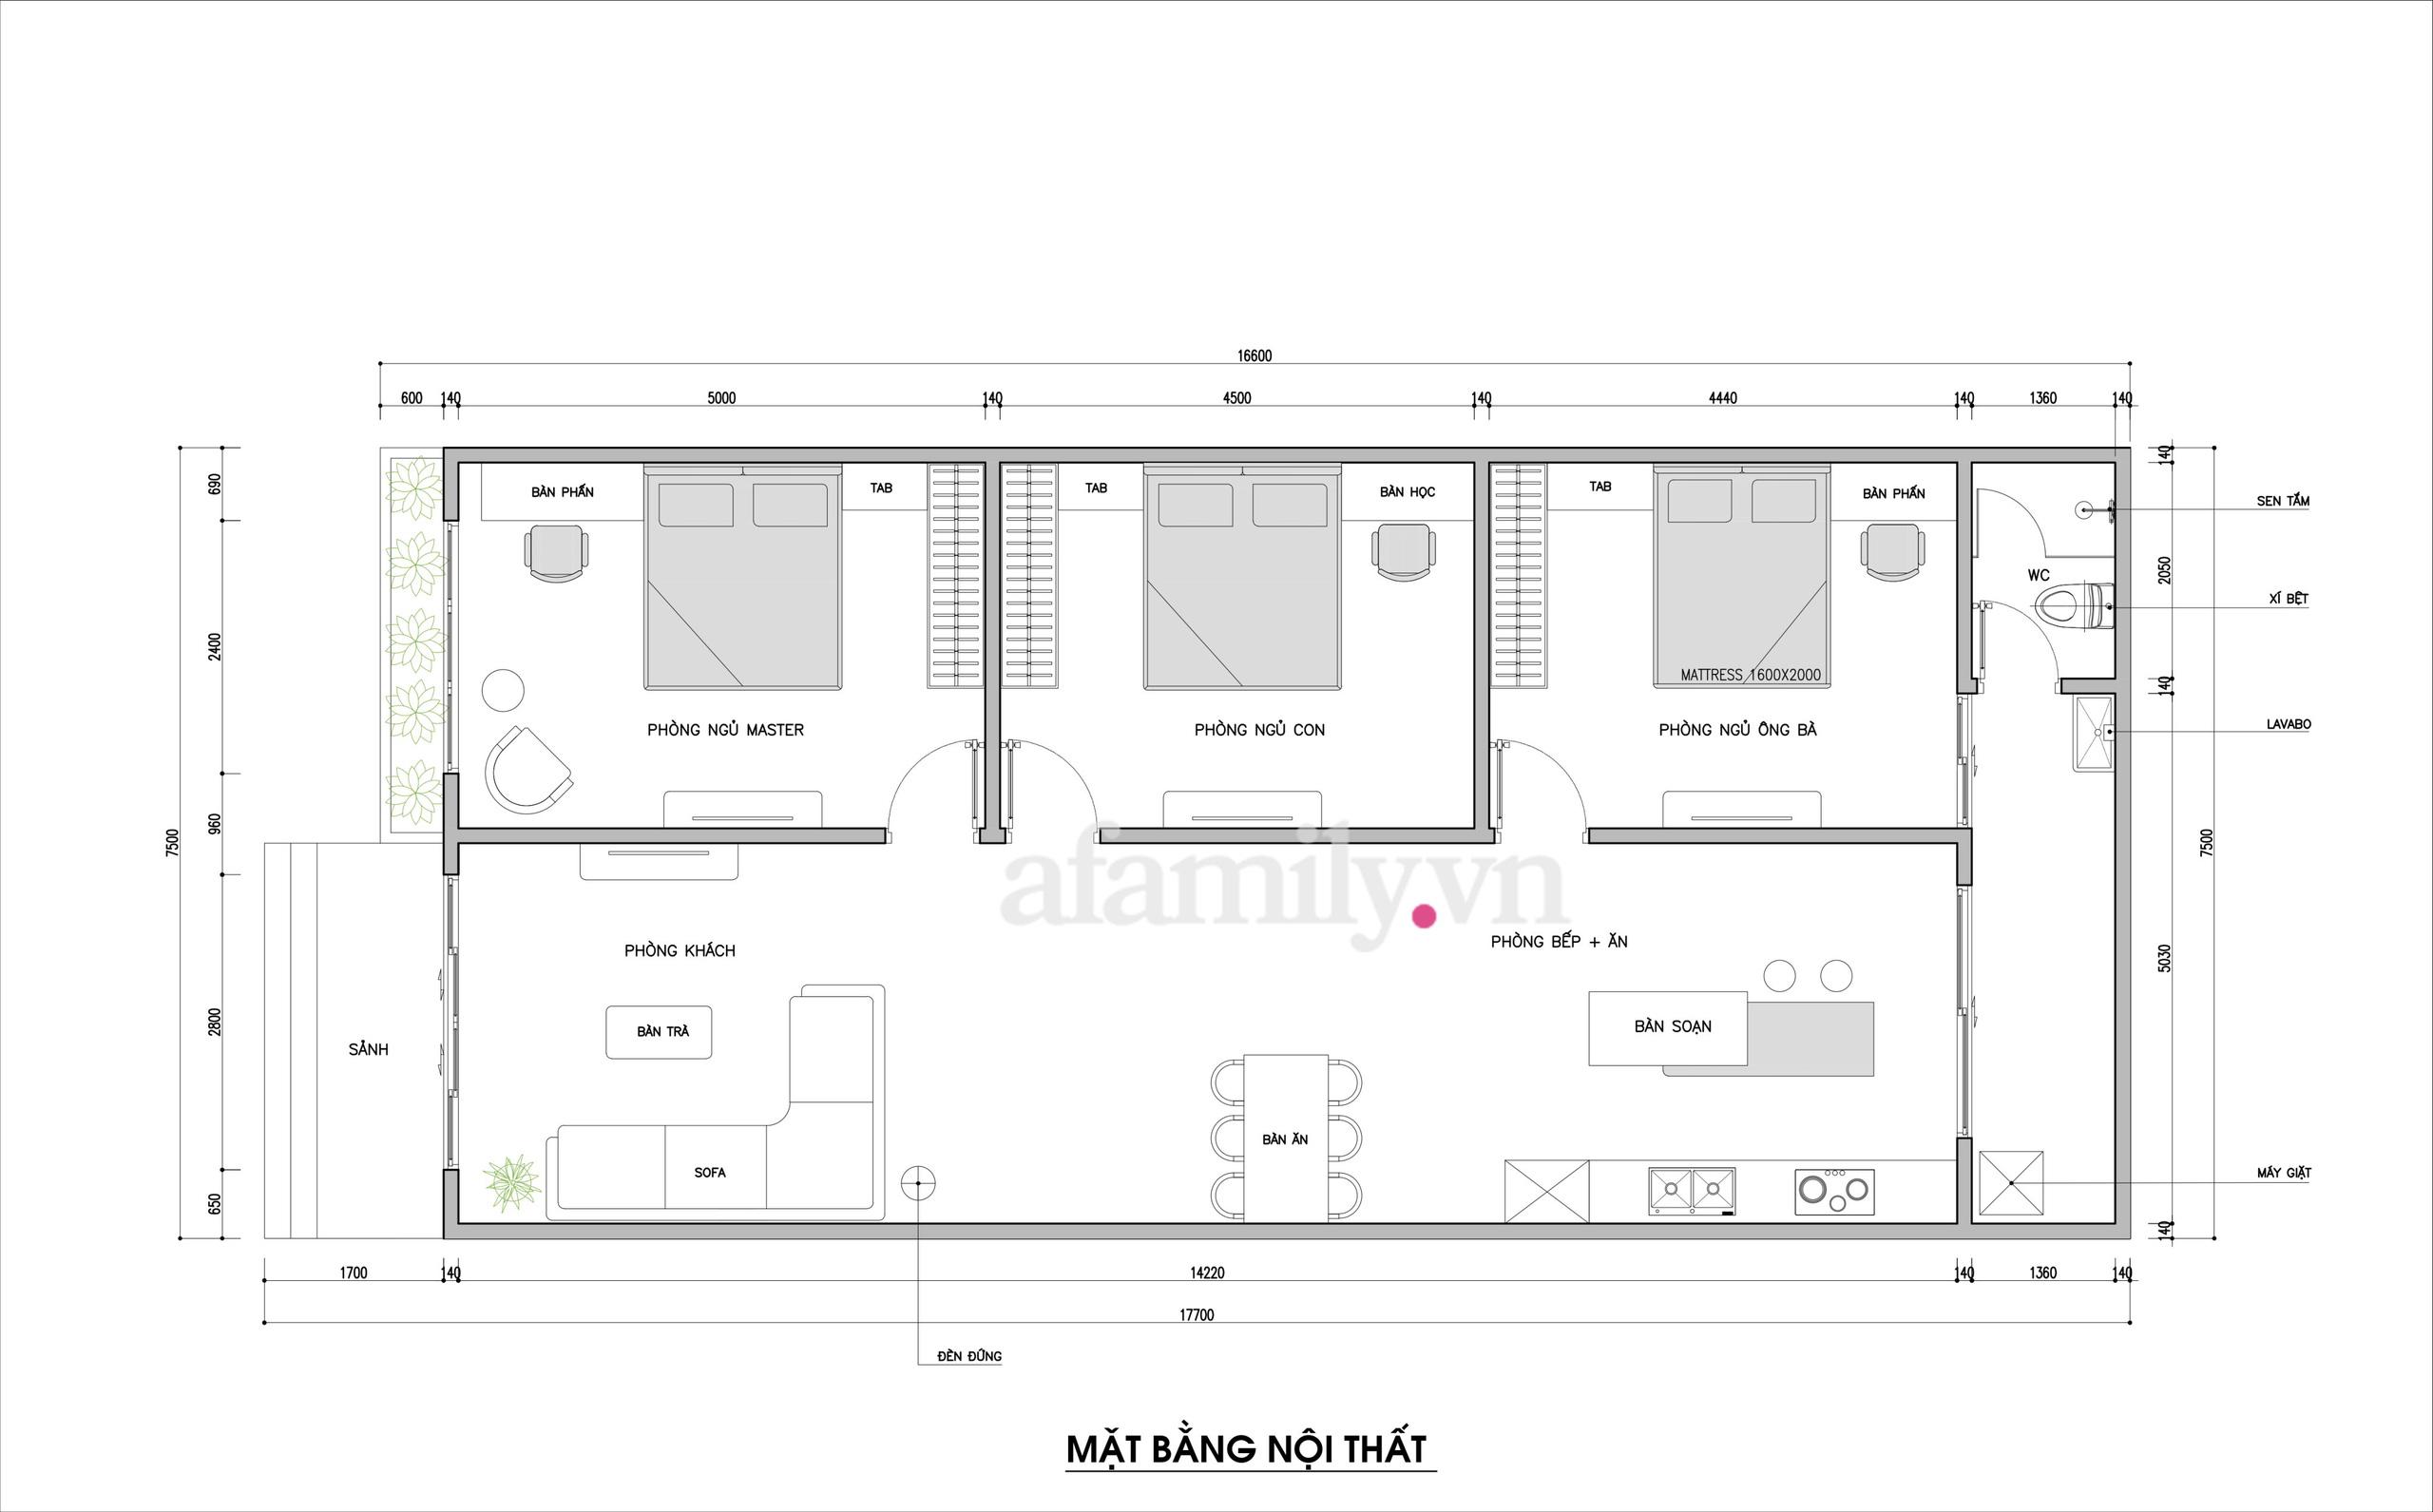 Kiến trúc sư tư vấn thiết kế ngôi nhà cấp 4 diện tích 120m² chi phí 150 triệu đồng - Ảnh 1.